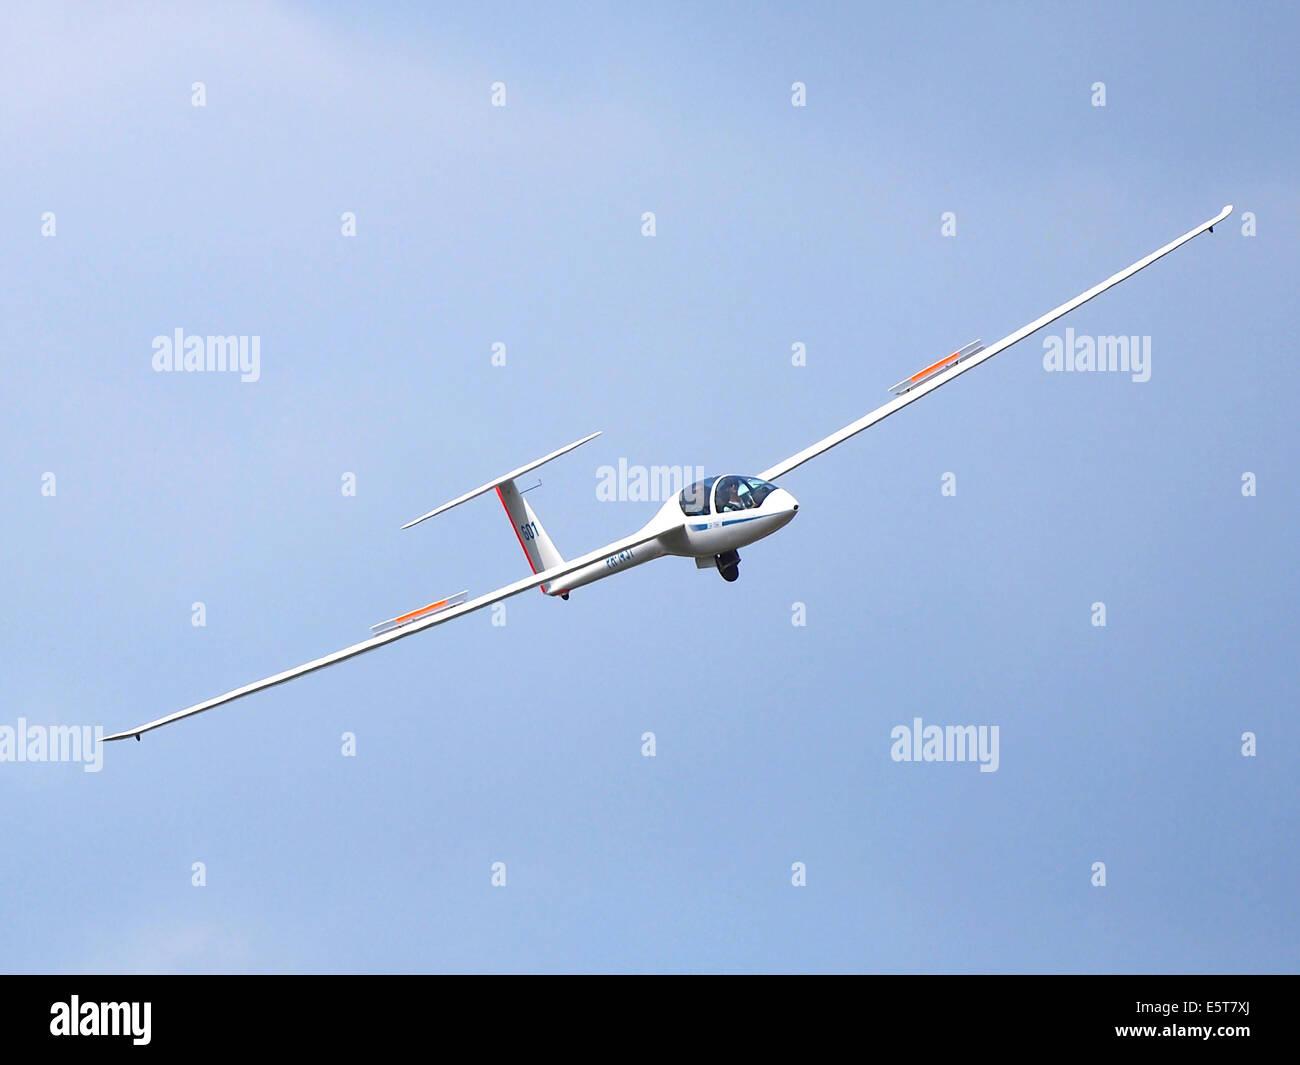 PH-1431 DG Flugzeugbau DG-1000S at Hilversum Airport (ICAO EHHV), photo2 - Stock Image